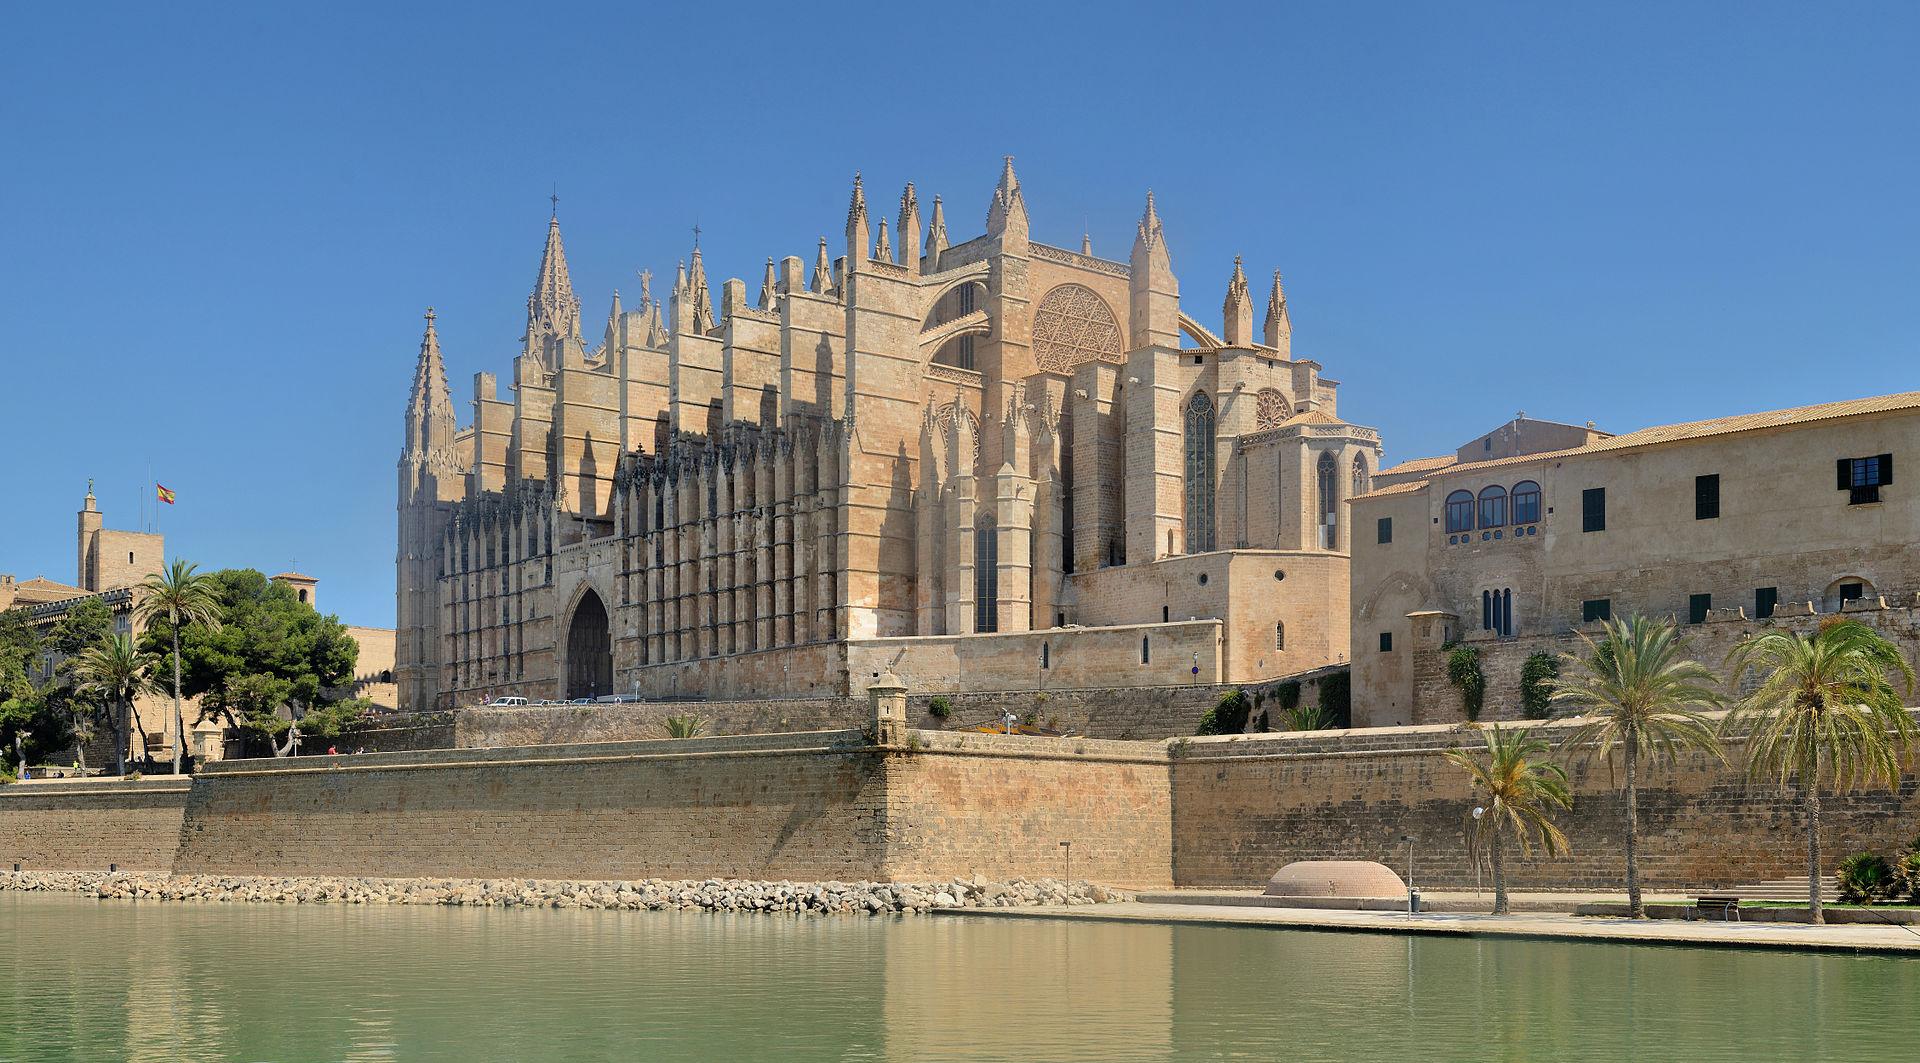 Catedral de santa mar a de palma de mallorca wikipedia for Oficina yoigo palma de mallorca